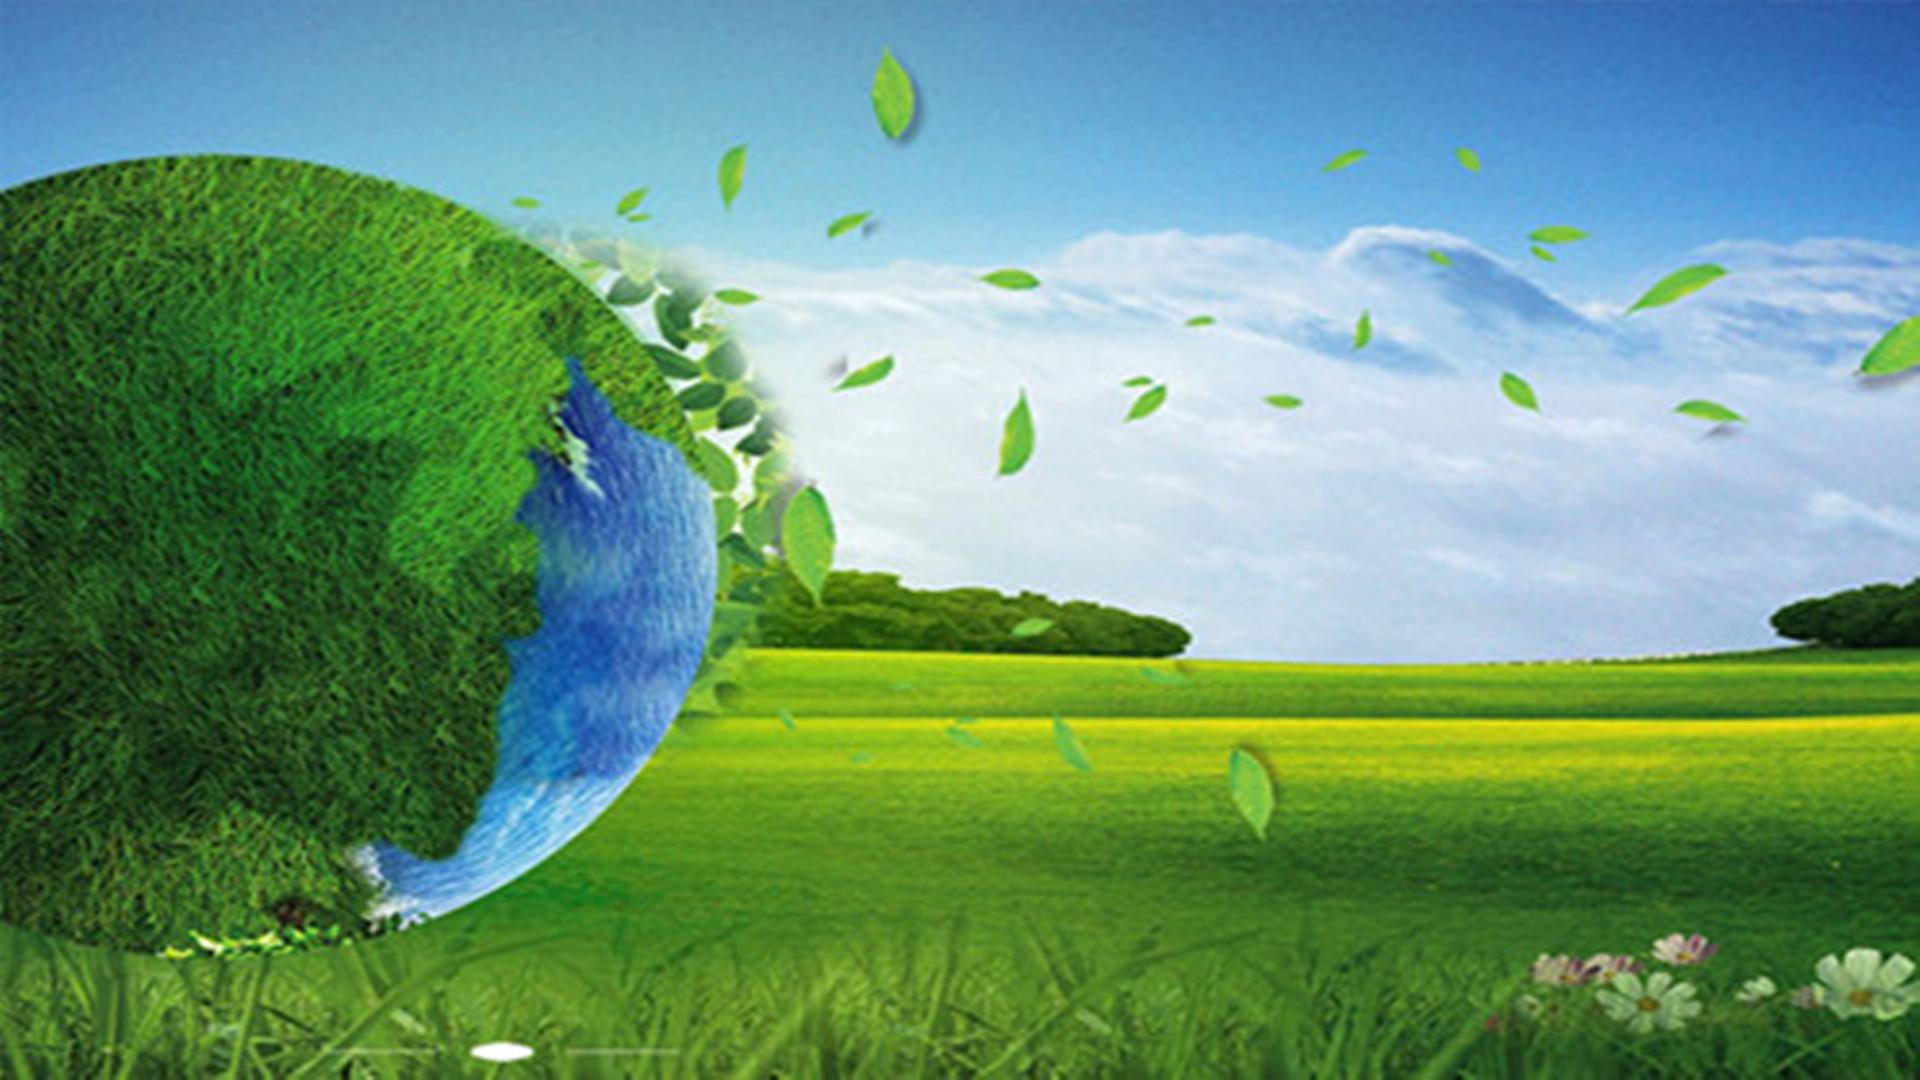 发展绿色建筑将有效缓解雾霾